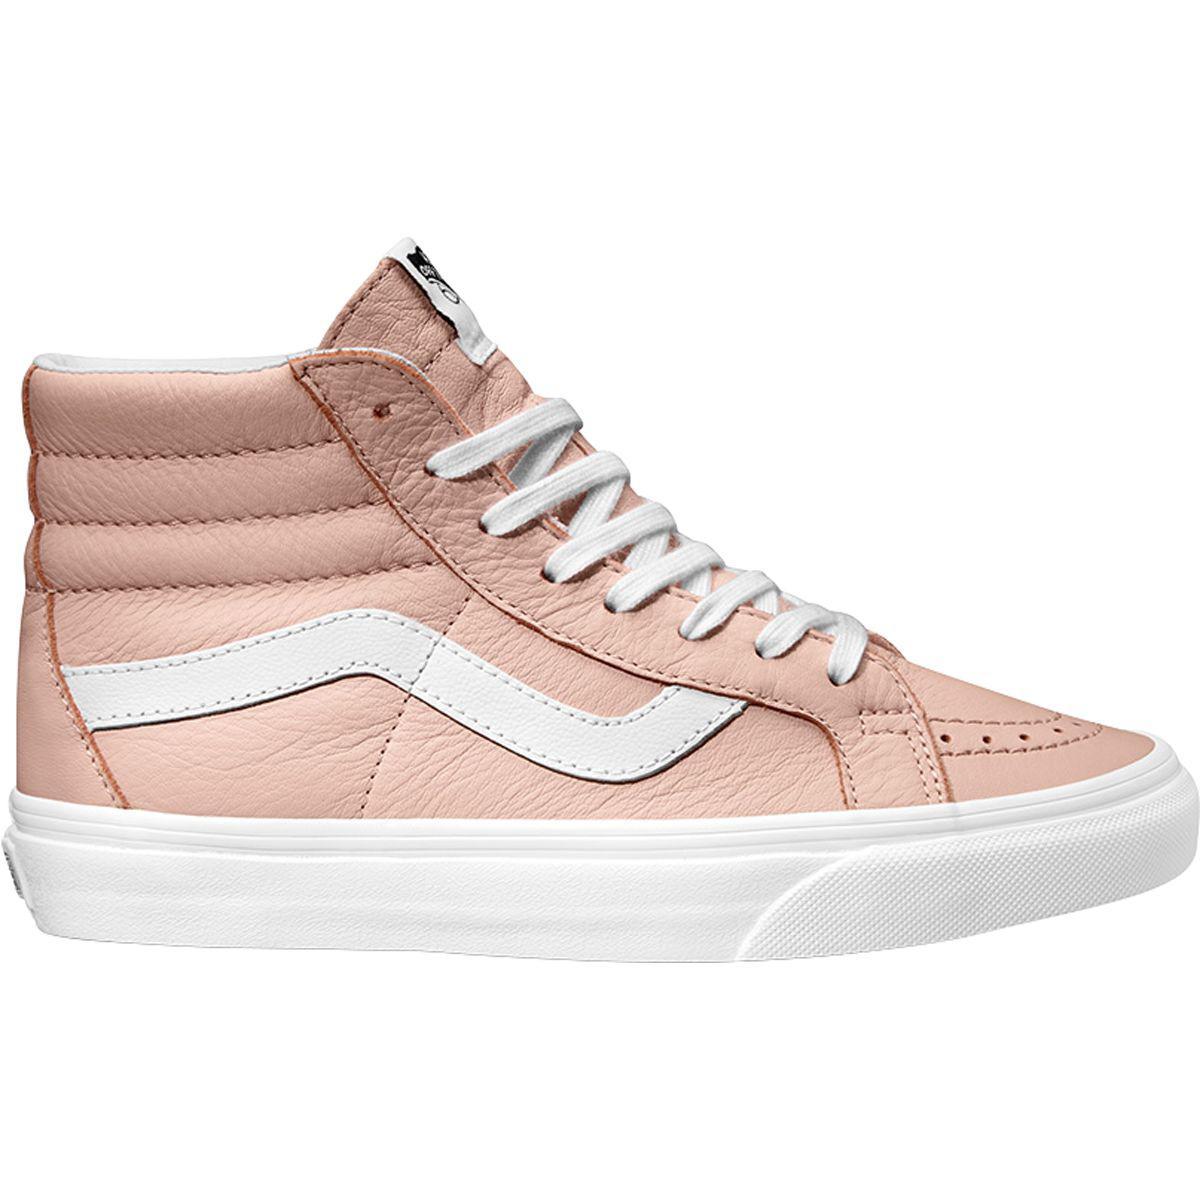 fbe1bc37df Lyst - Vans Sk8-hi Reissue Shoe in Pink